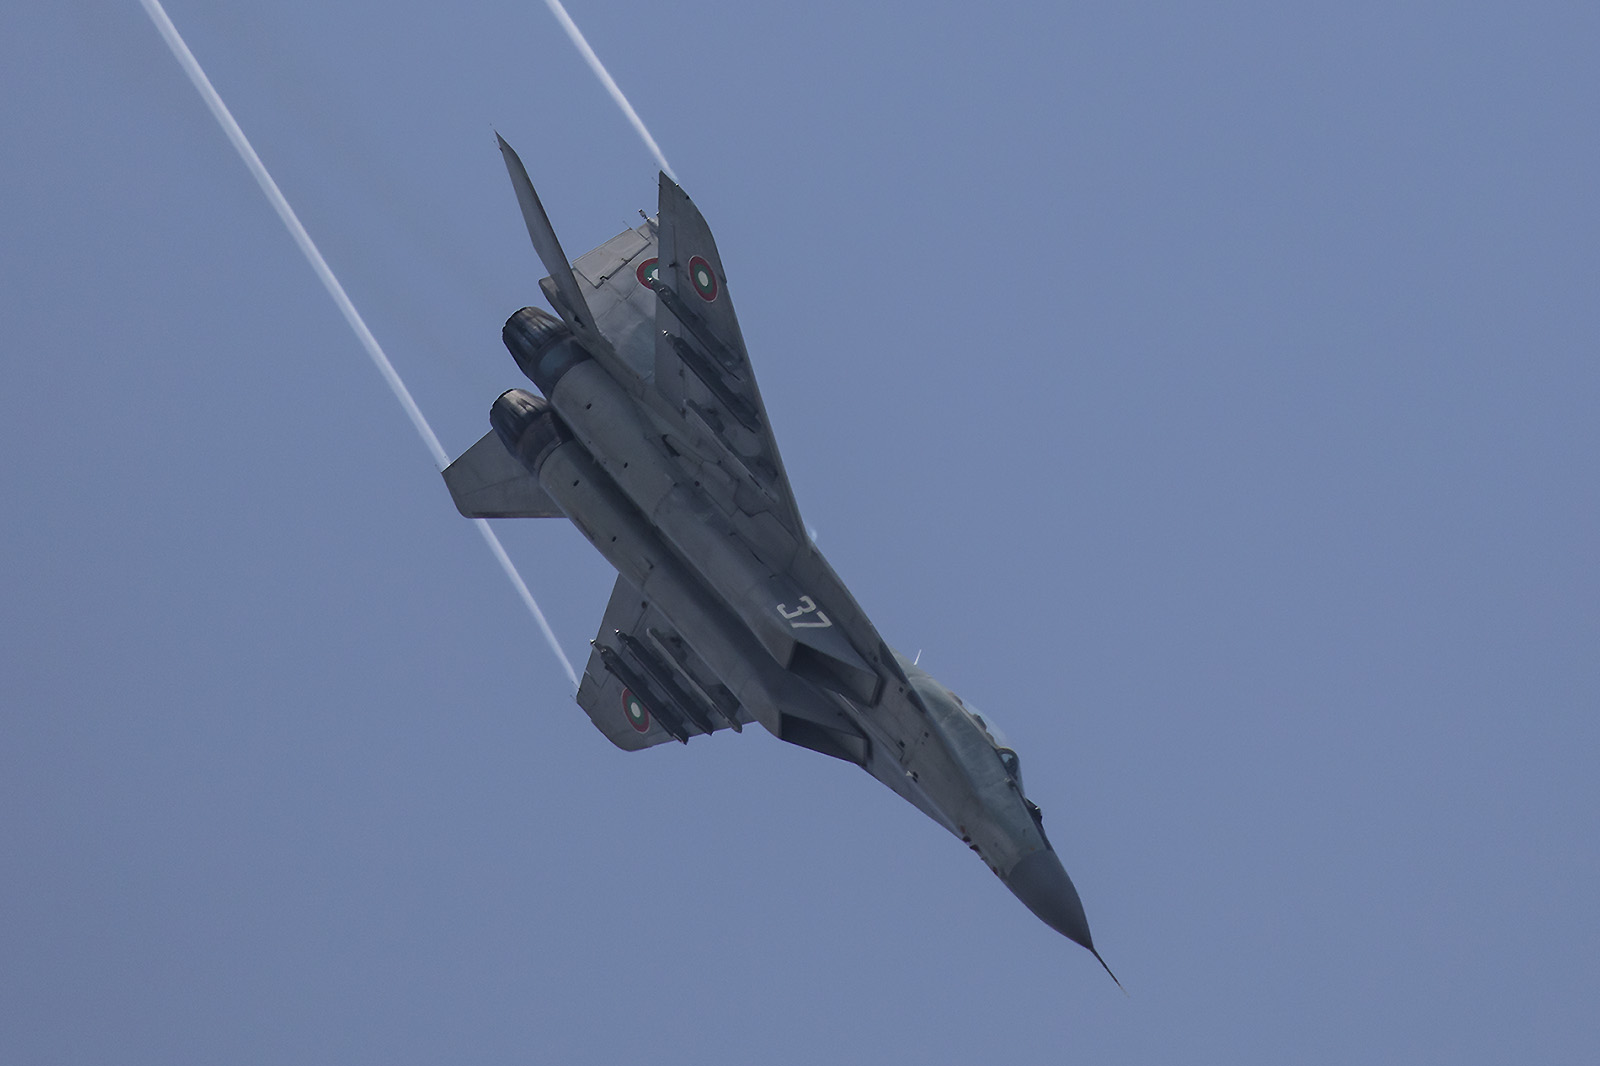 Die MiG im Kunstflug.